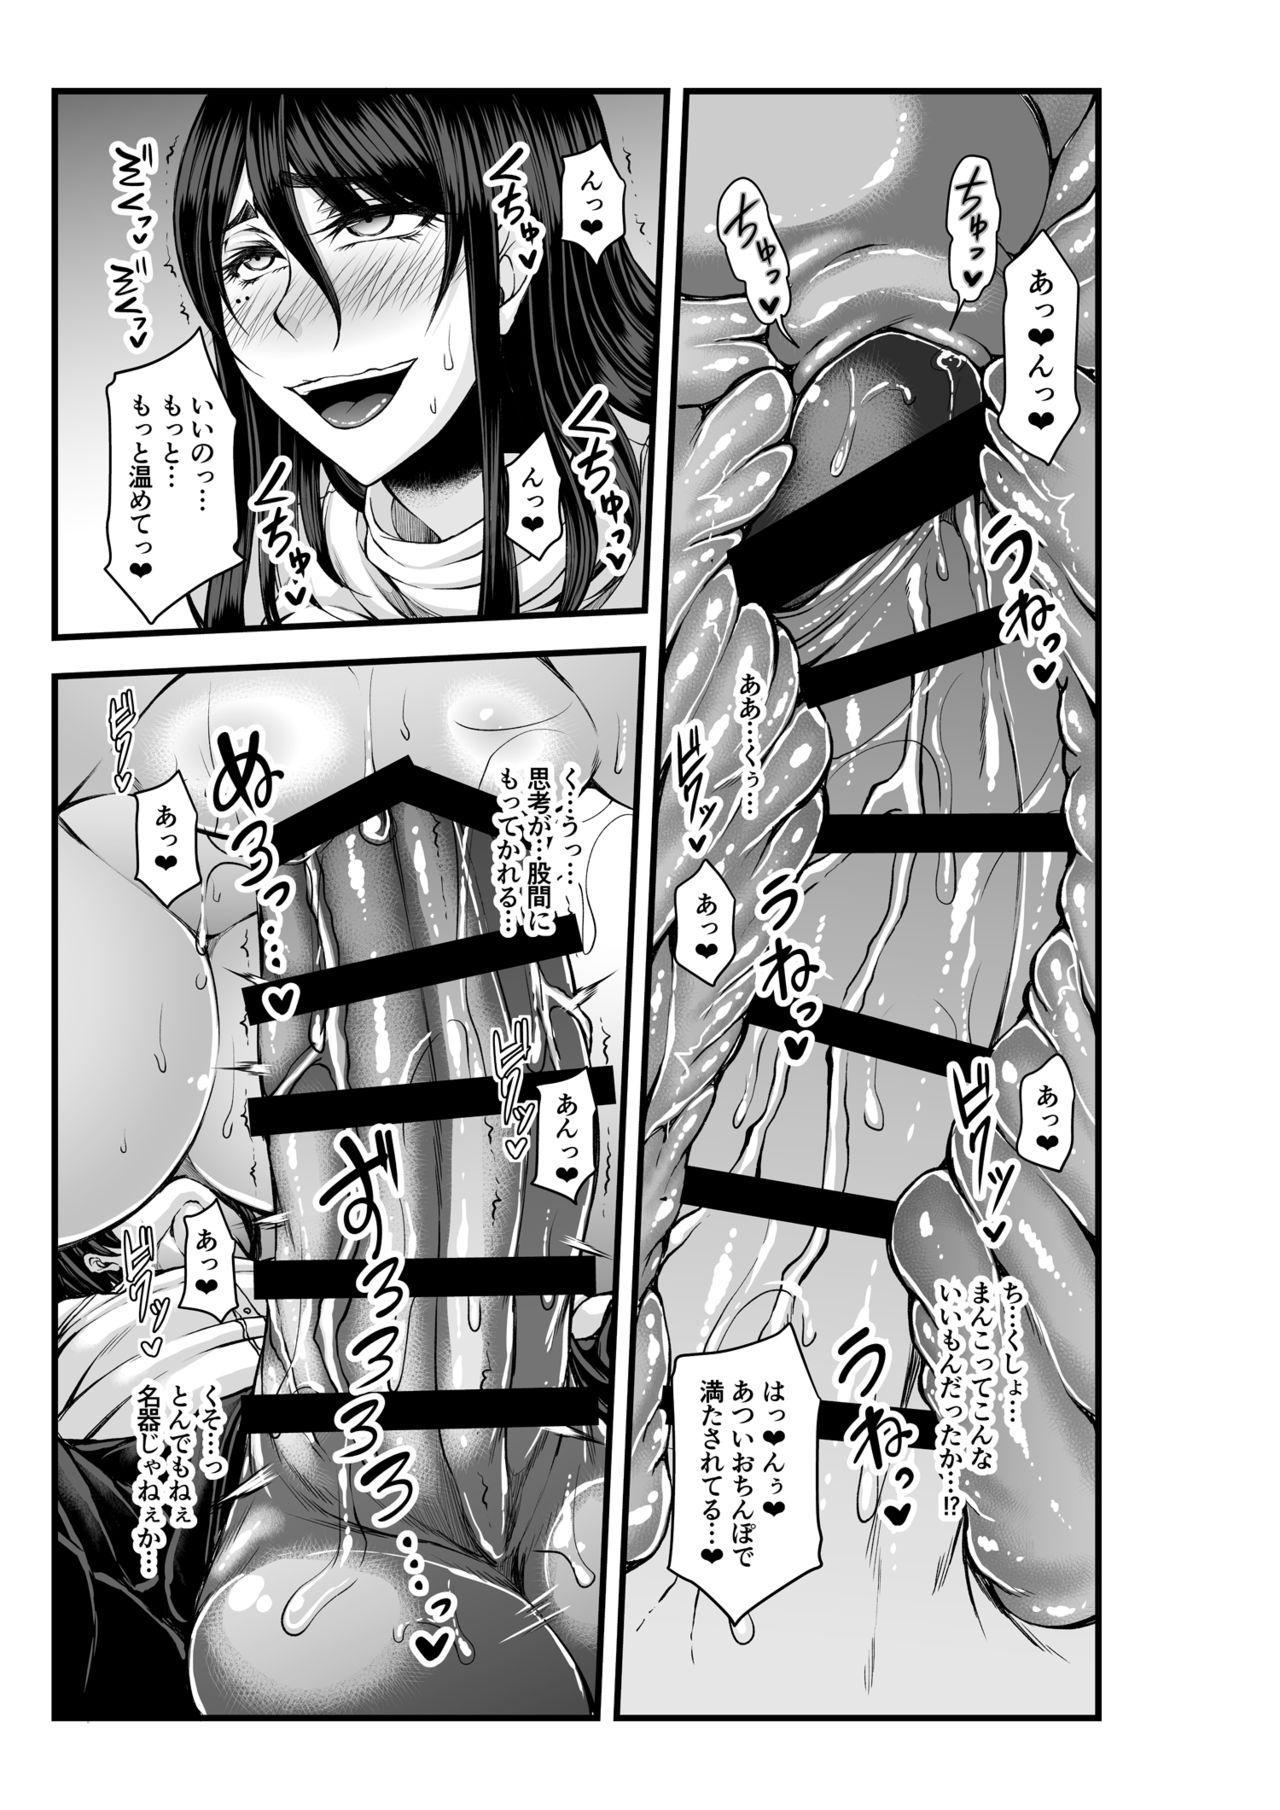 Toshinose wa Tsugou no Ii Nukumori to... 16